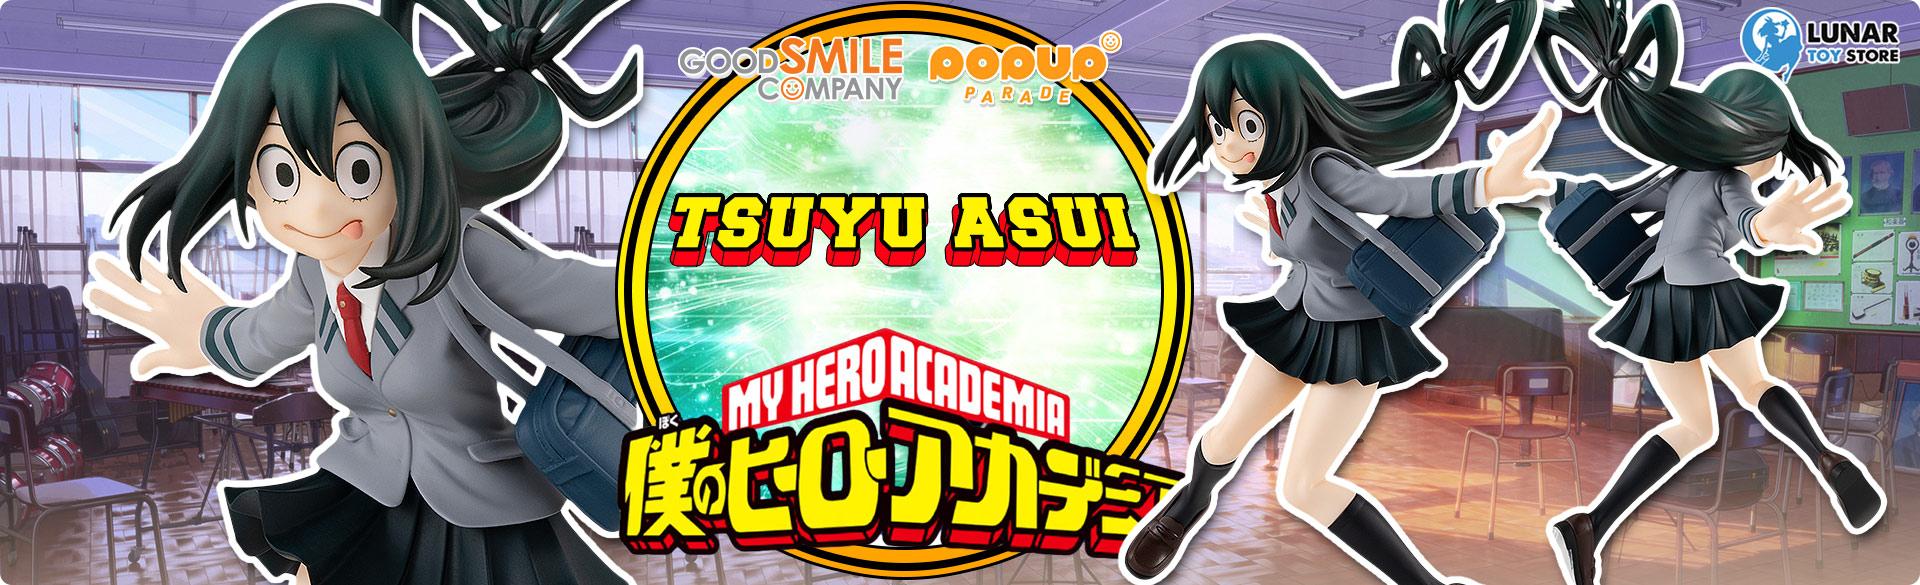 Tsuyu Asui POP